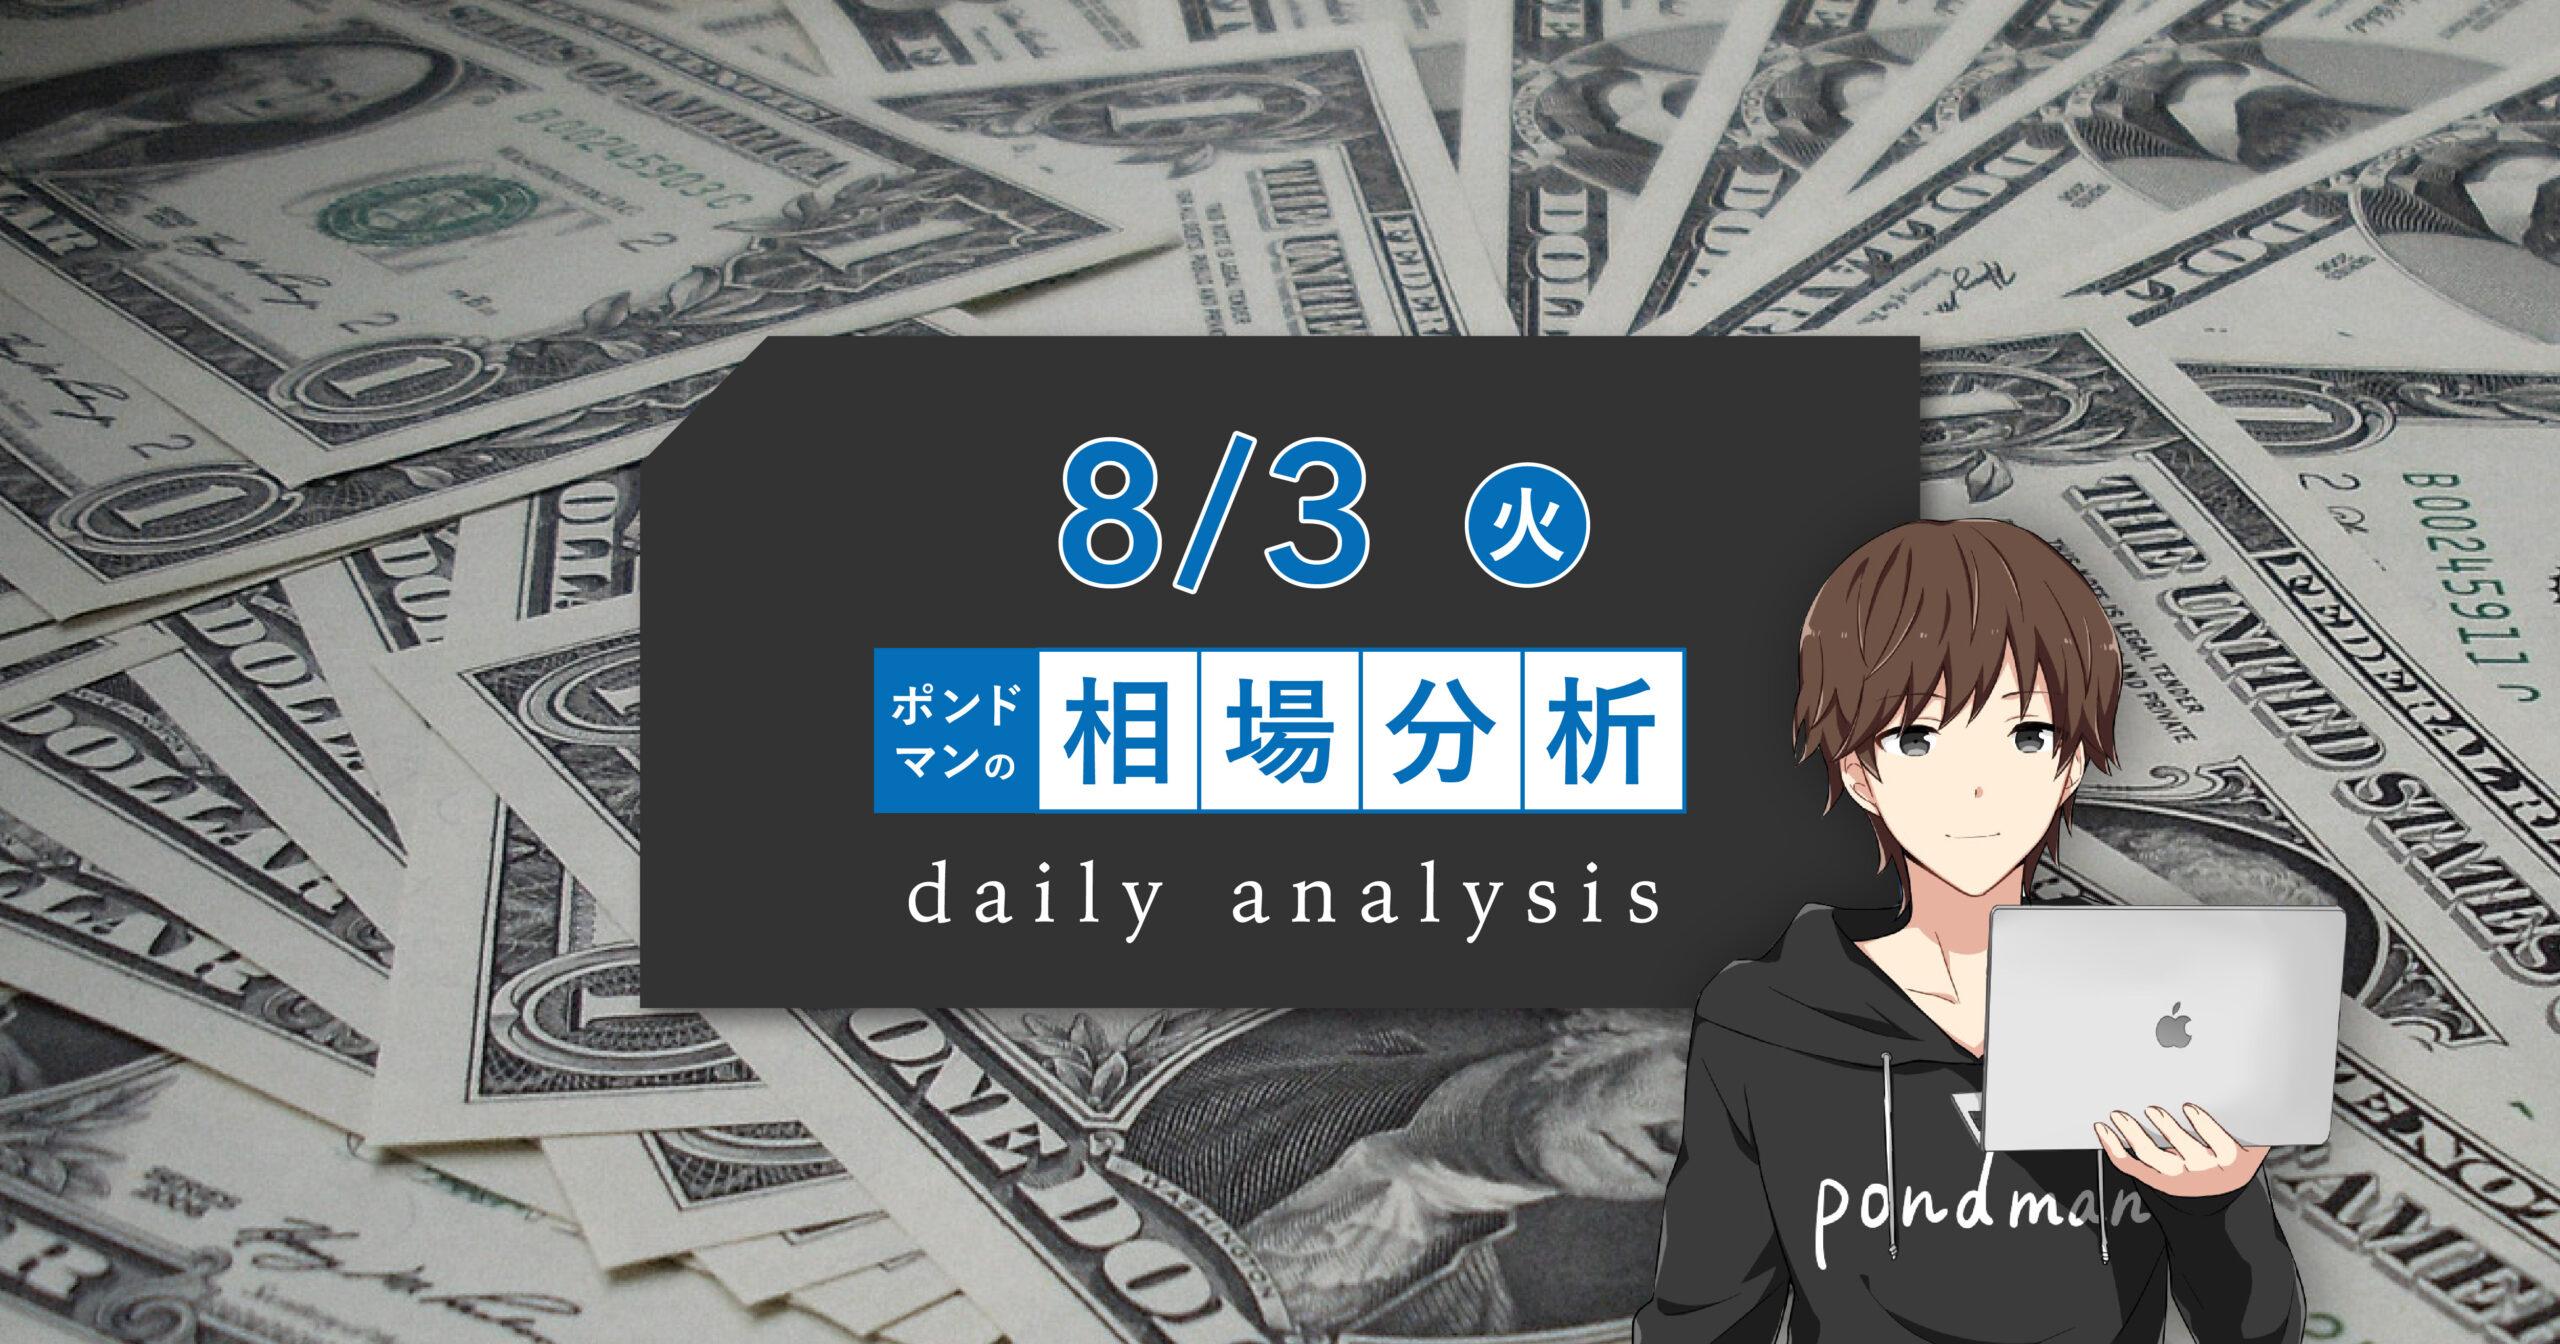 【8月3日ポンドマンのトレード分析】RBAのスタンスは?!豪ドル売りは継続するのか注目!